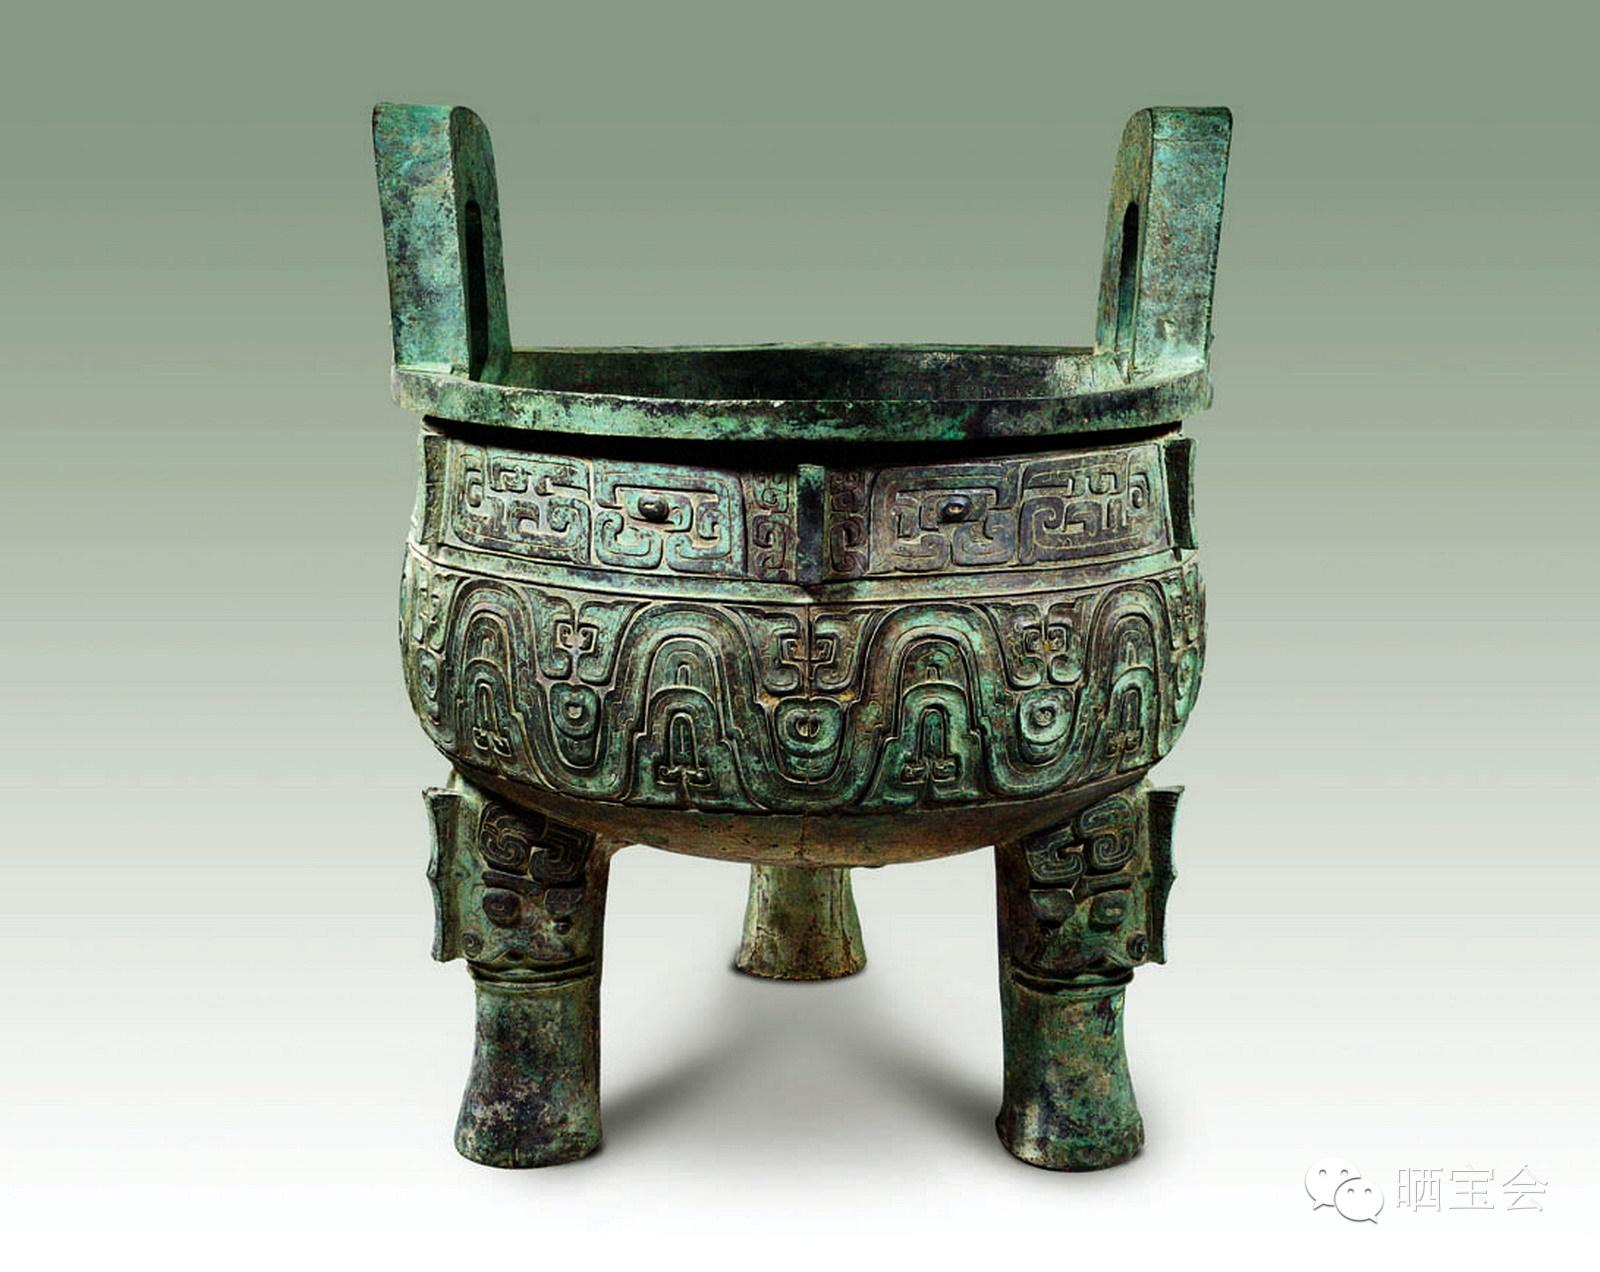 大克鼎又稱膳夫克鼎,西周晚期(孝王時期)一名叫克的貴族為祭祀祖父而鑄造的青銅器。